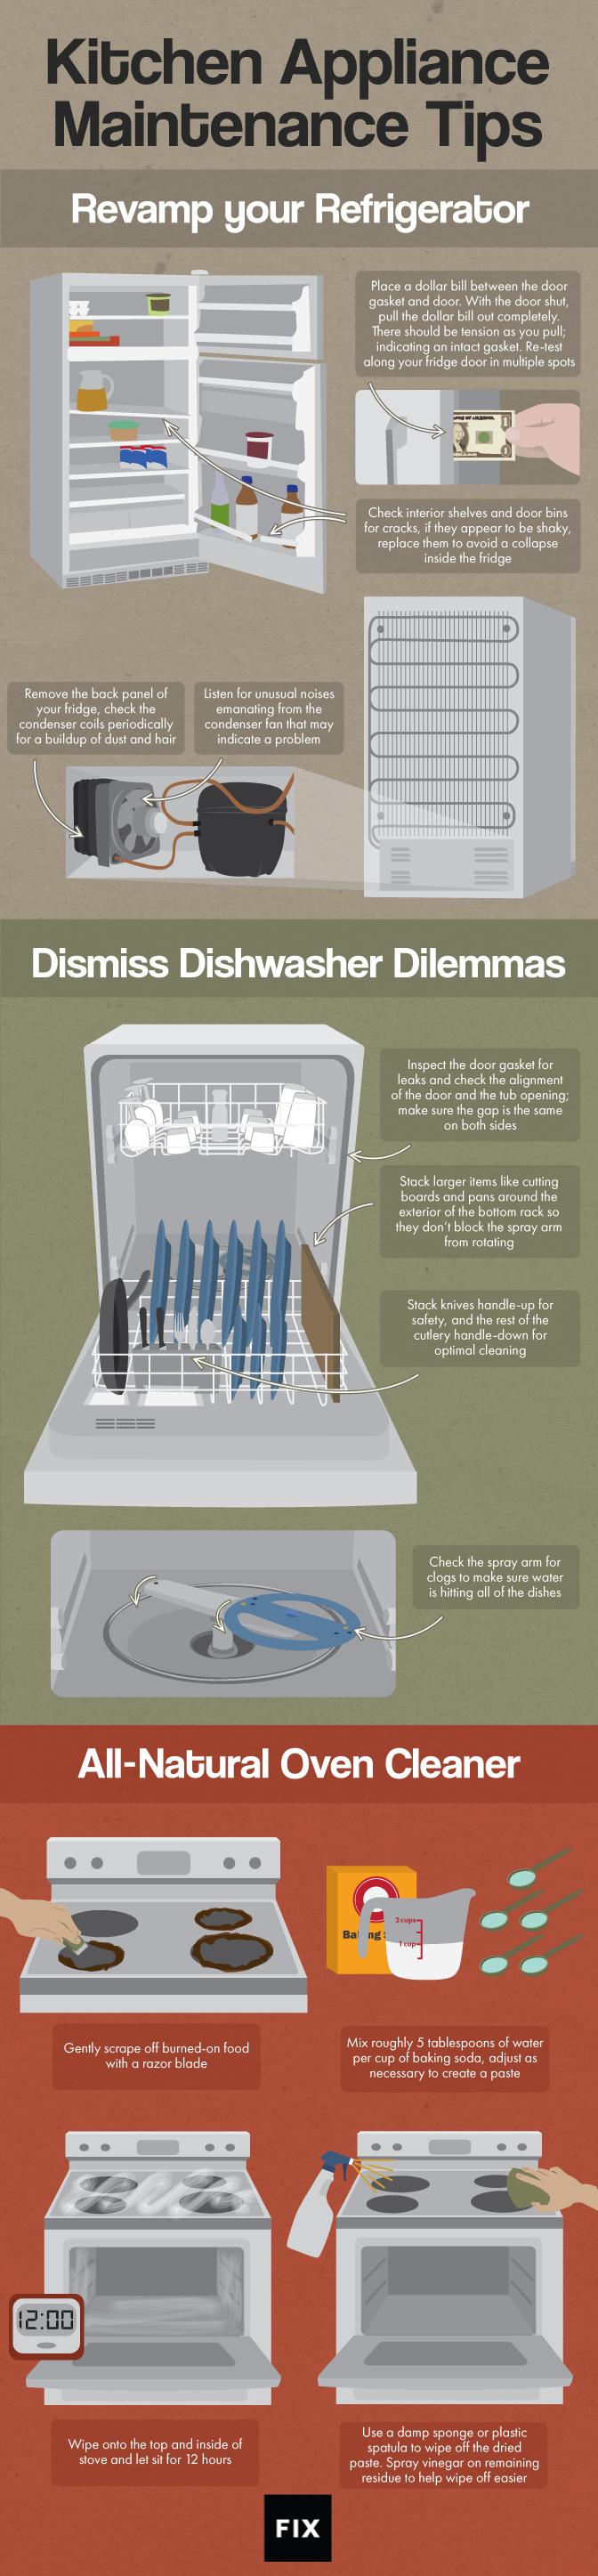 Photo of Durch die Wartung der Appliances kann eine Katastrophe größeren Ausmaßes verhindert werden